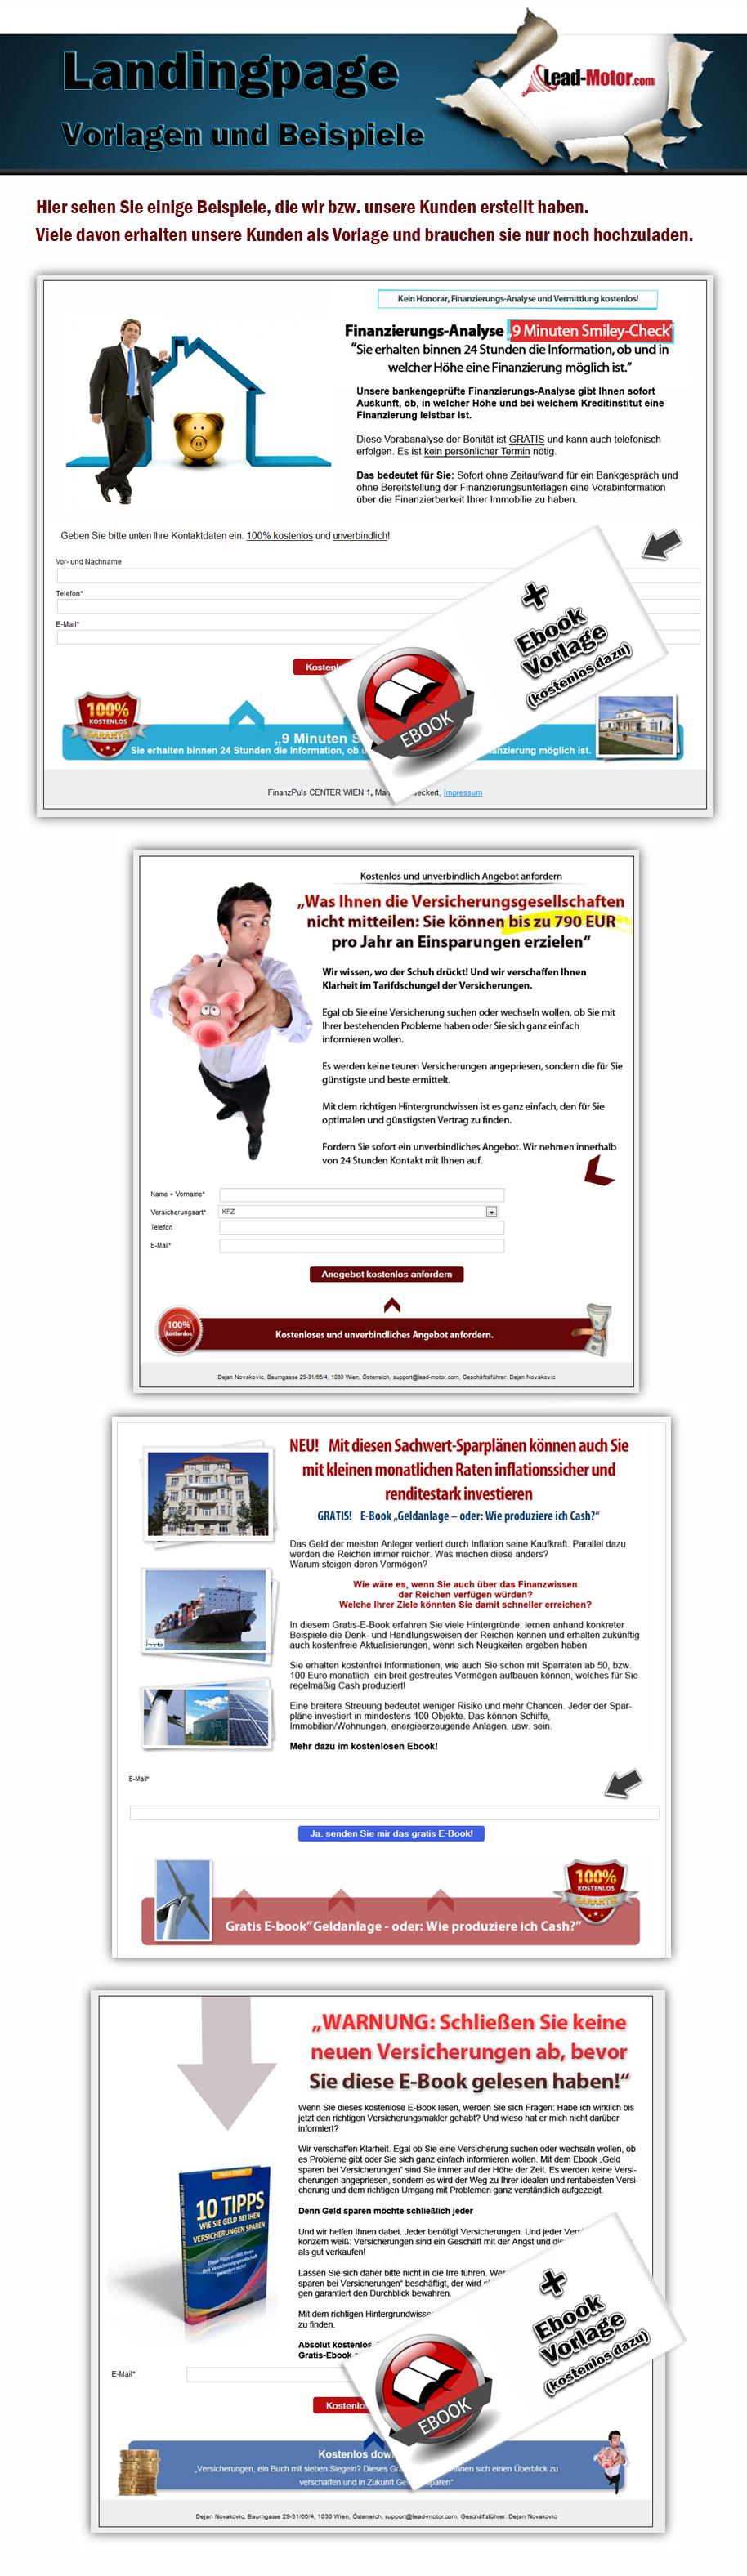 Landingpage Beispiele und Vorlagen für Finanzdienstleister zur Leadgenerierung